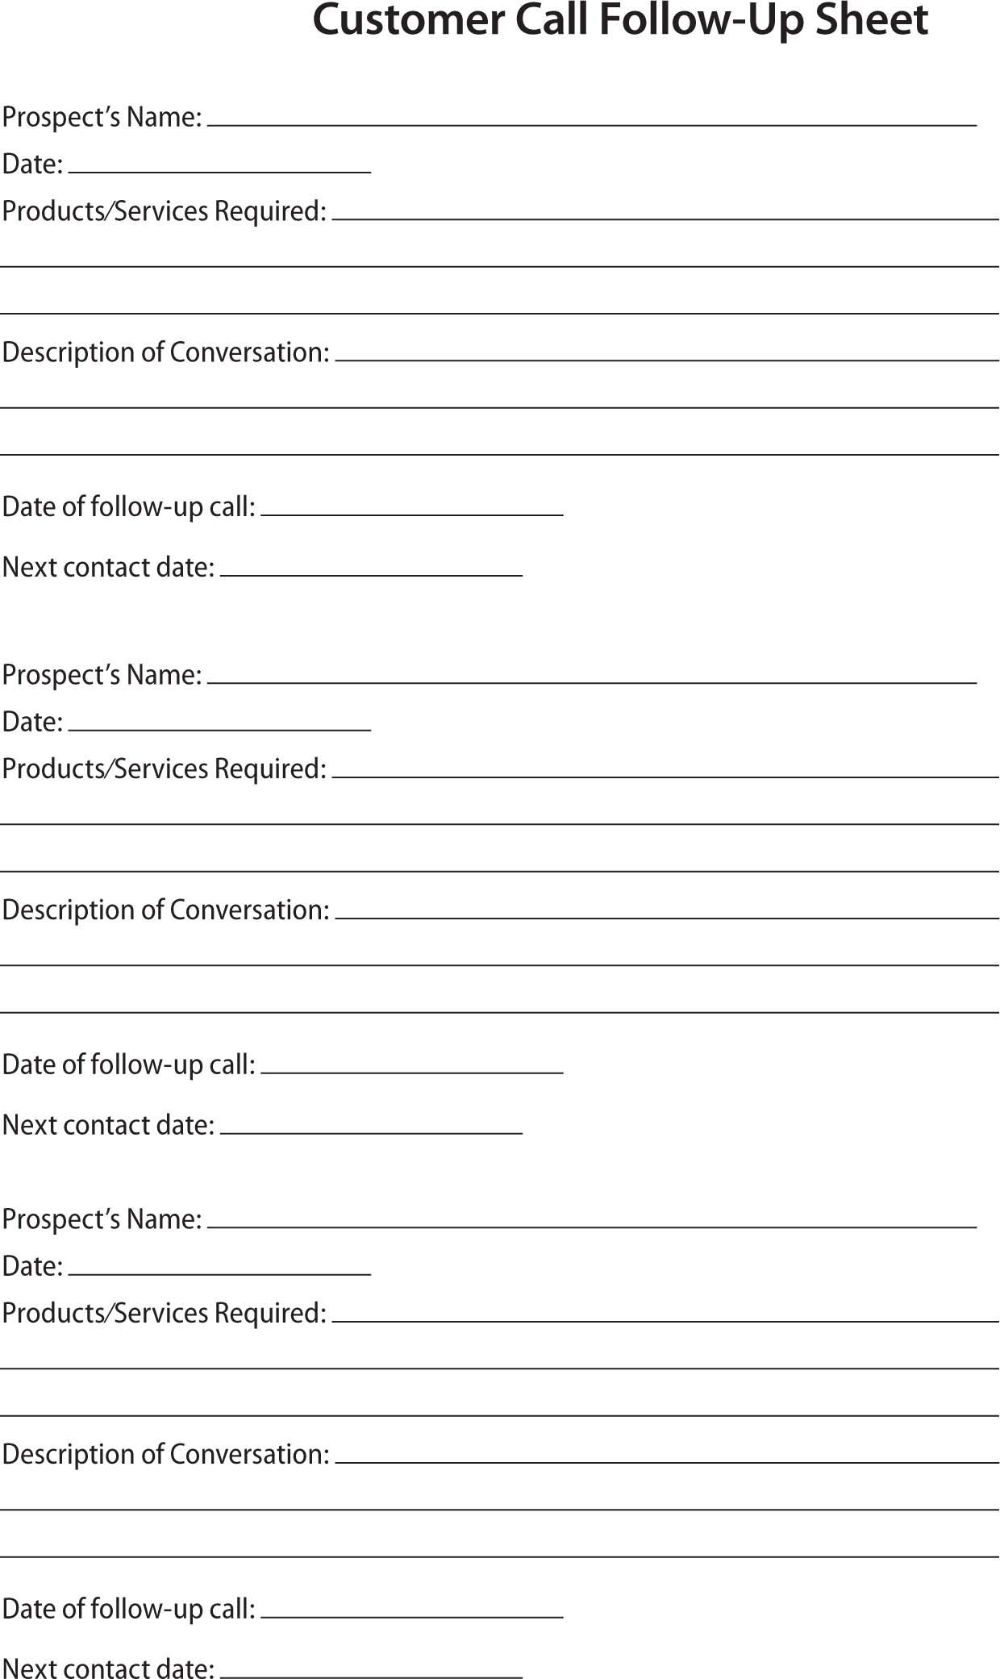 80 20 Prospect Sheet Customer Call Follow Up Call Sheet Sales Inside Customer Contact Report Template 1 Sales Report Template Report Template How To Plan